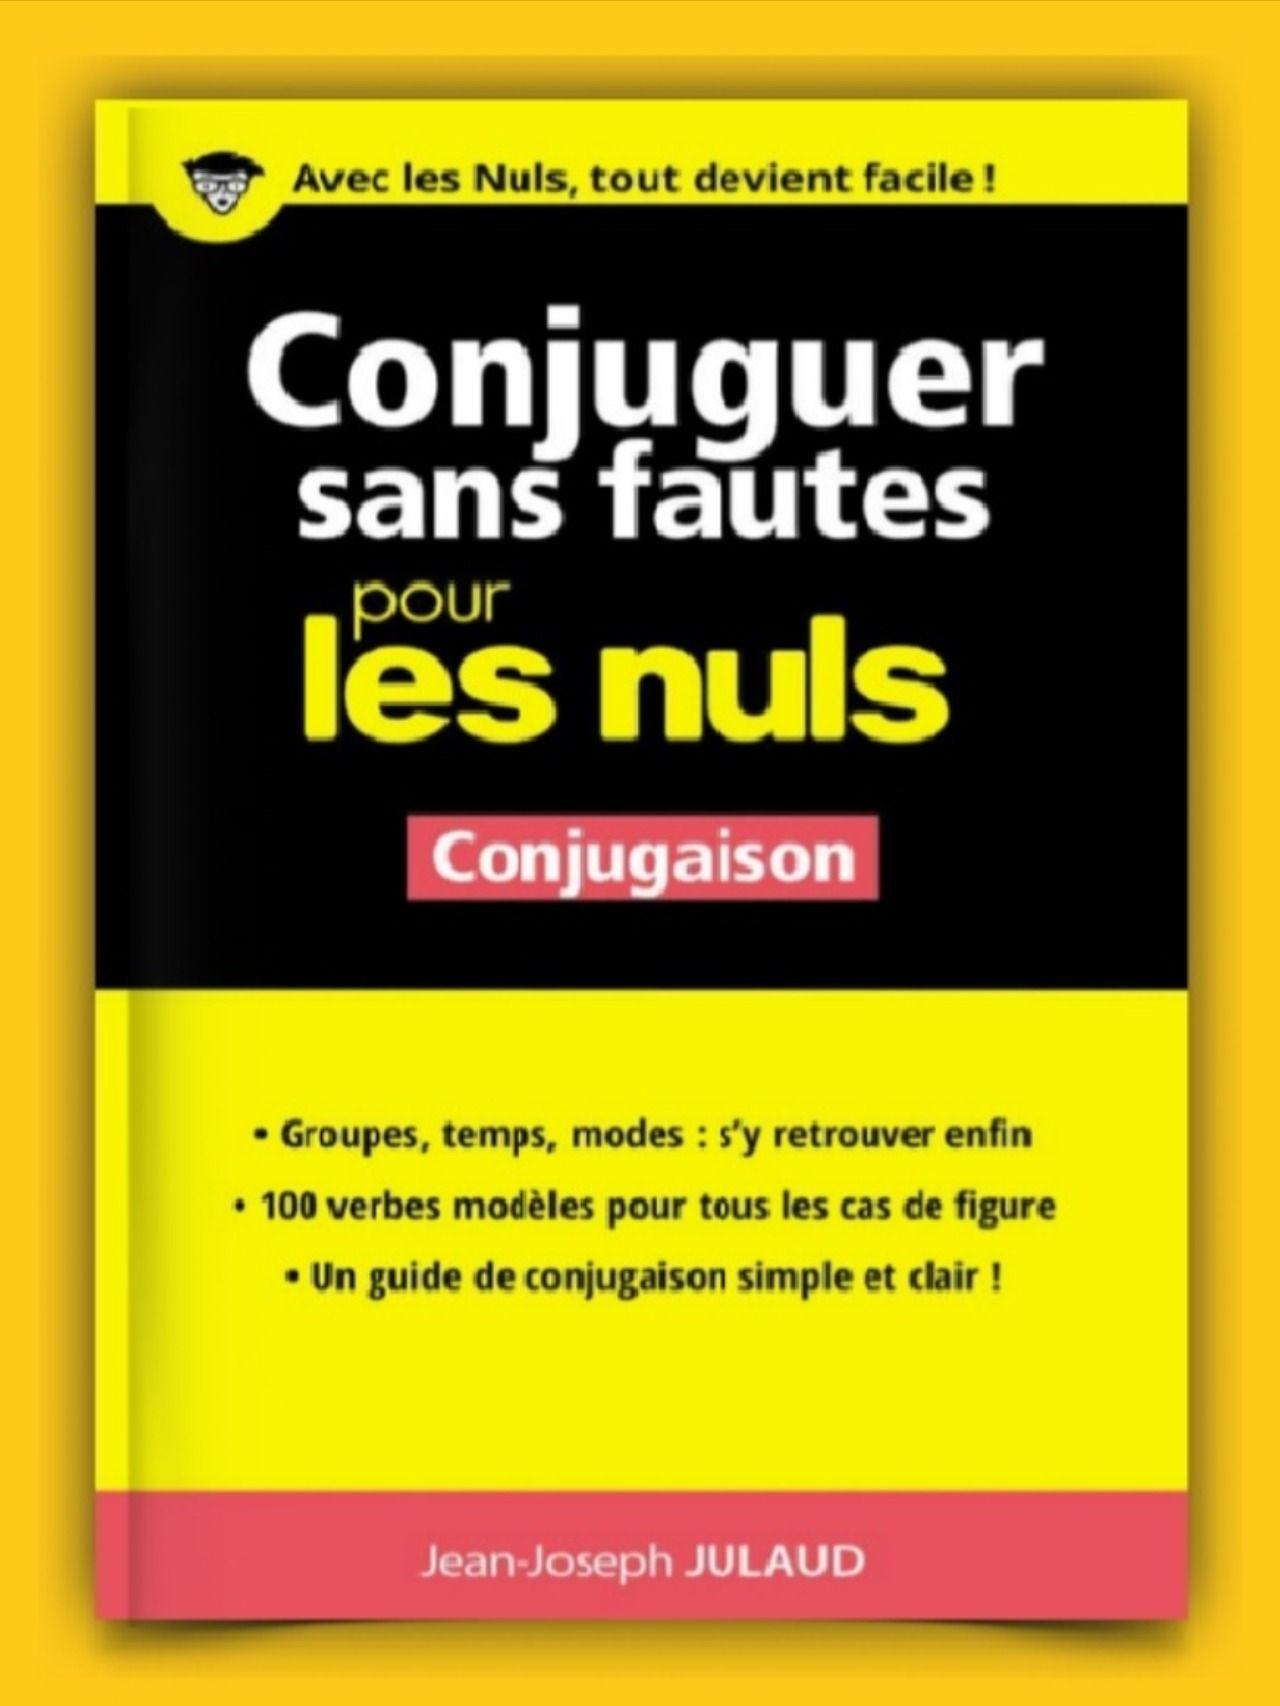 La Grammaire Pour Les Nuls : grammaire, Conjuguer, Fautes, French, Vocabulary,, Grammar,, Vocabulary